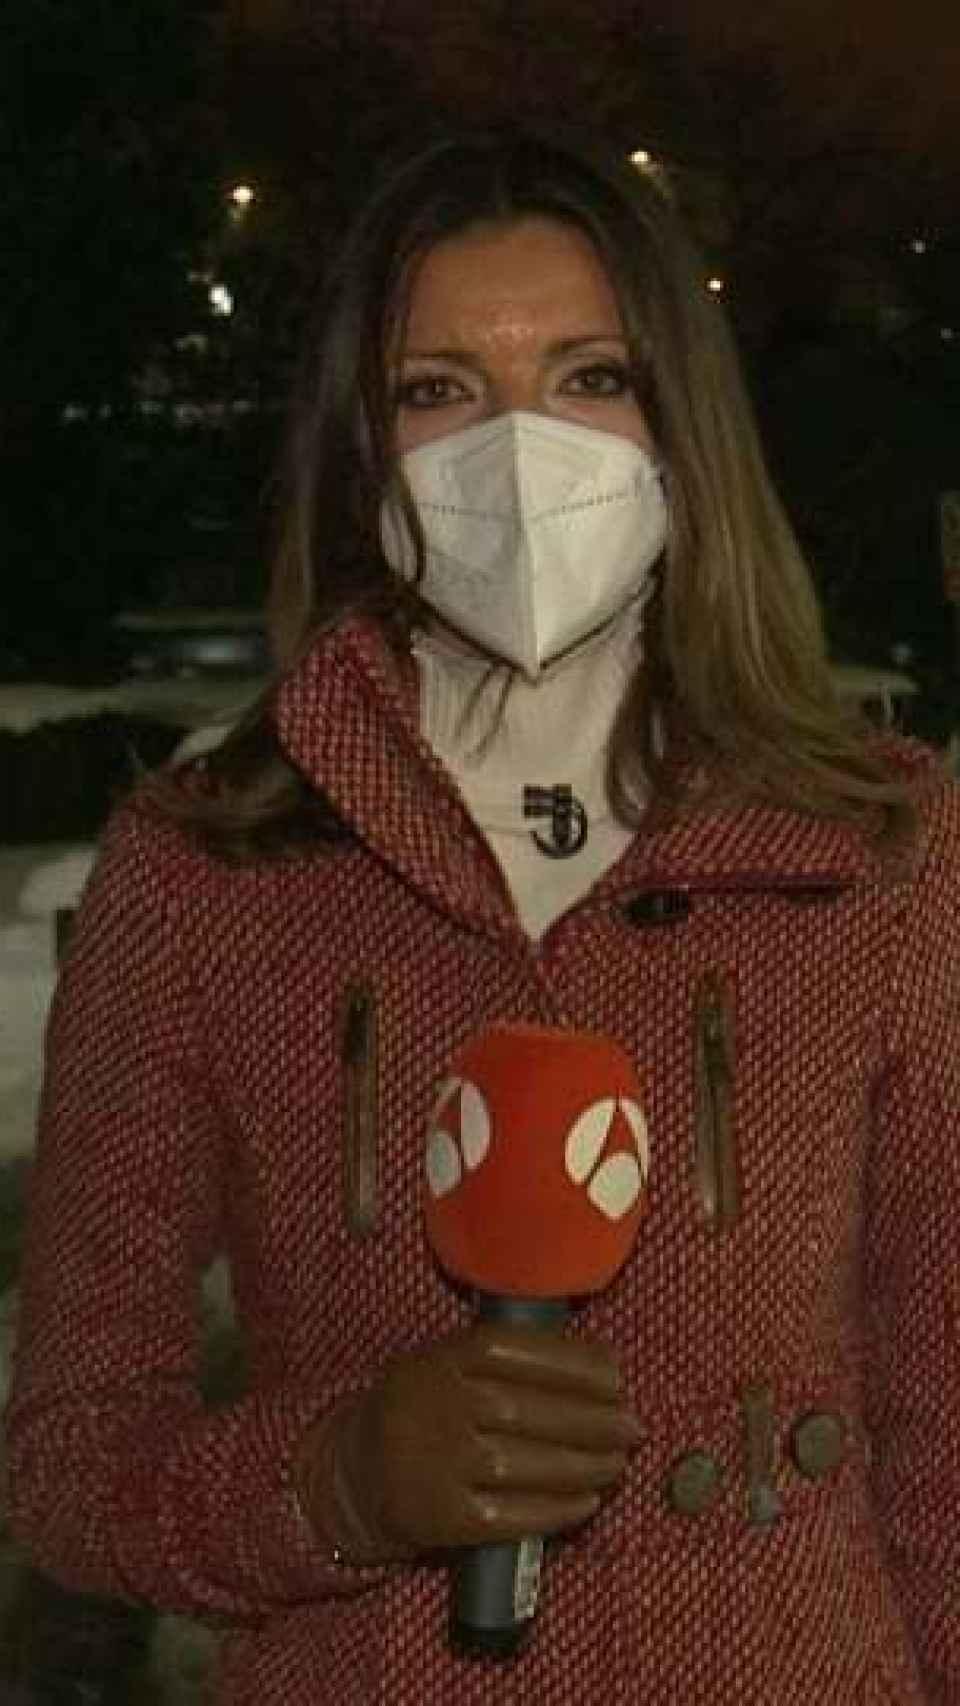 Himar cubriendo la nevada en Madrid por la borrasca Filomena.